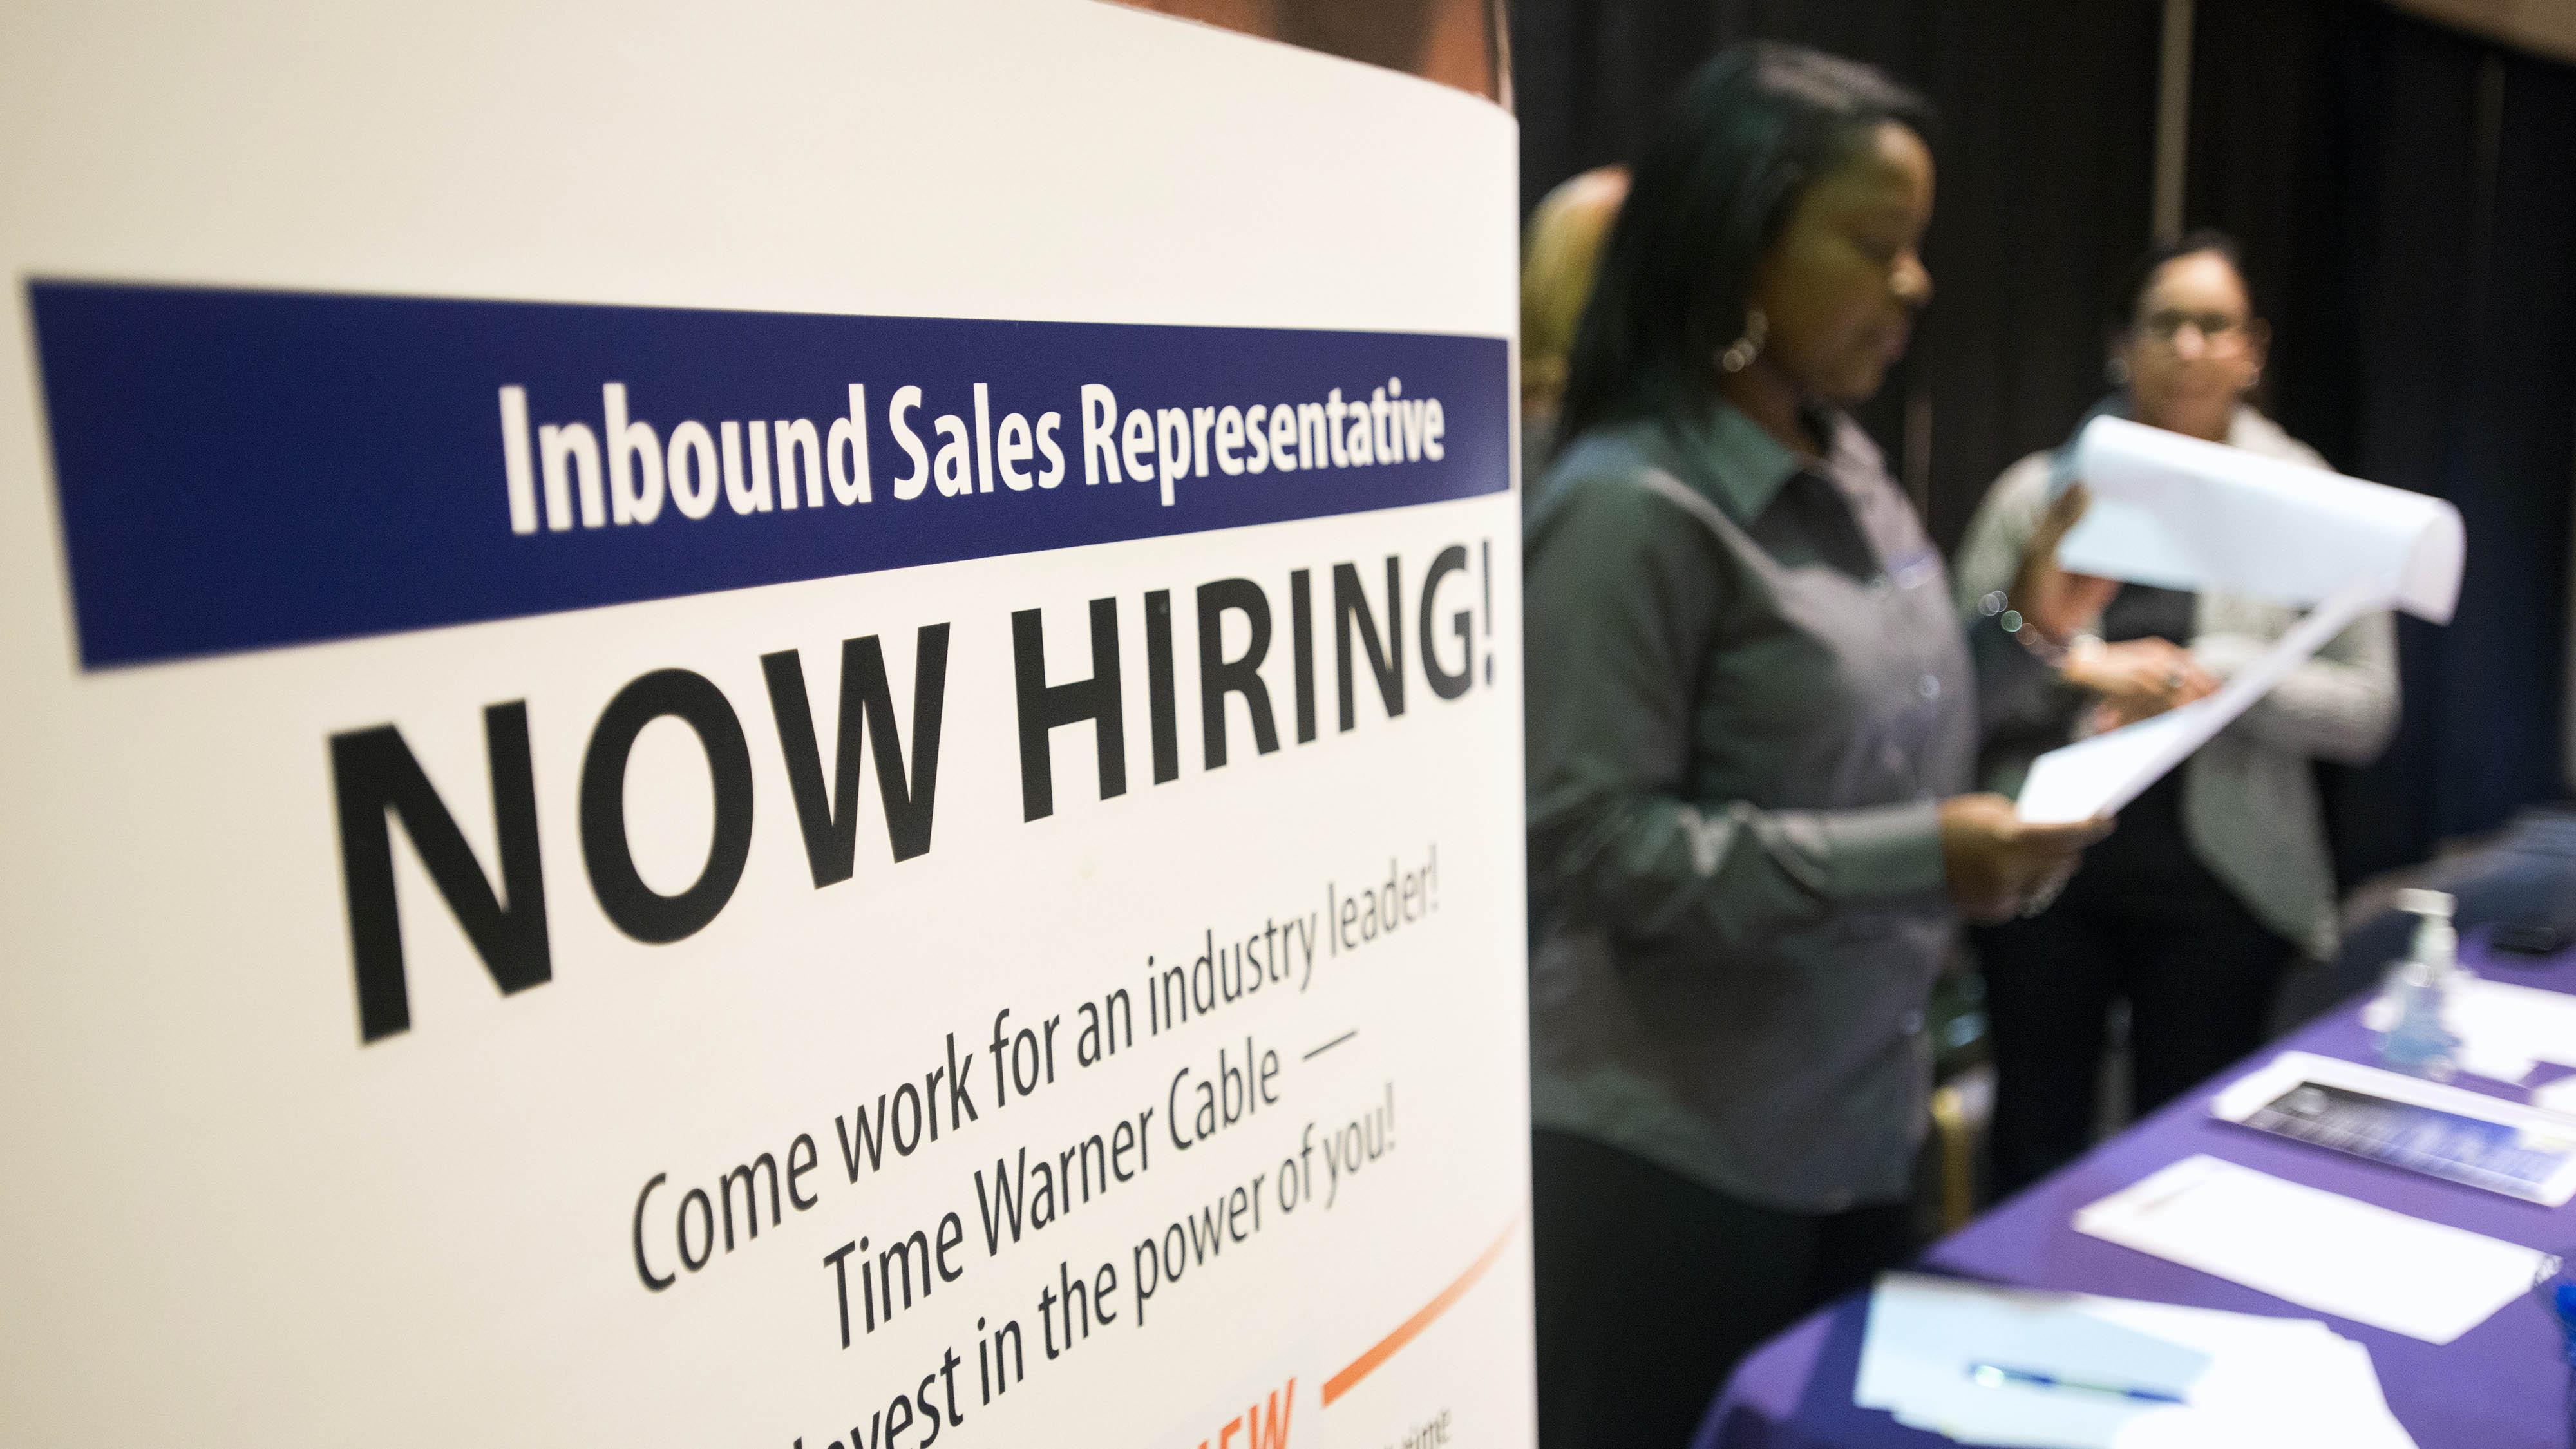 Inyoung Hwang stories Bloomberg – Inbound Sales Jobs